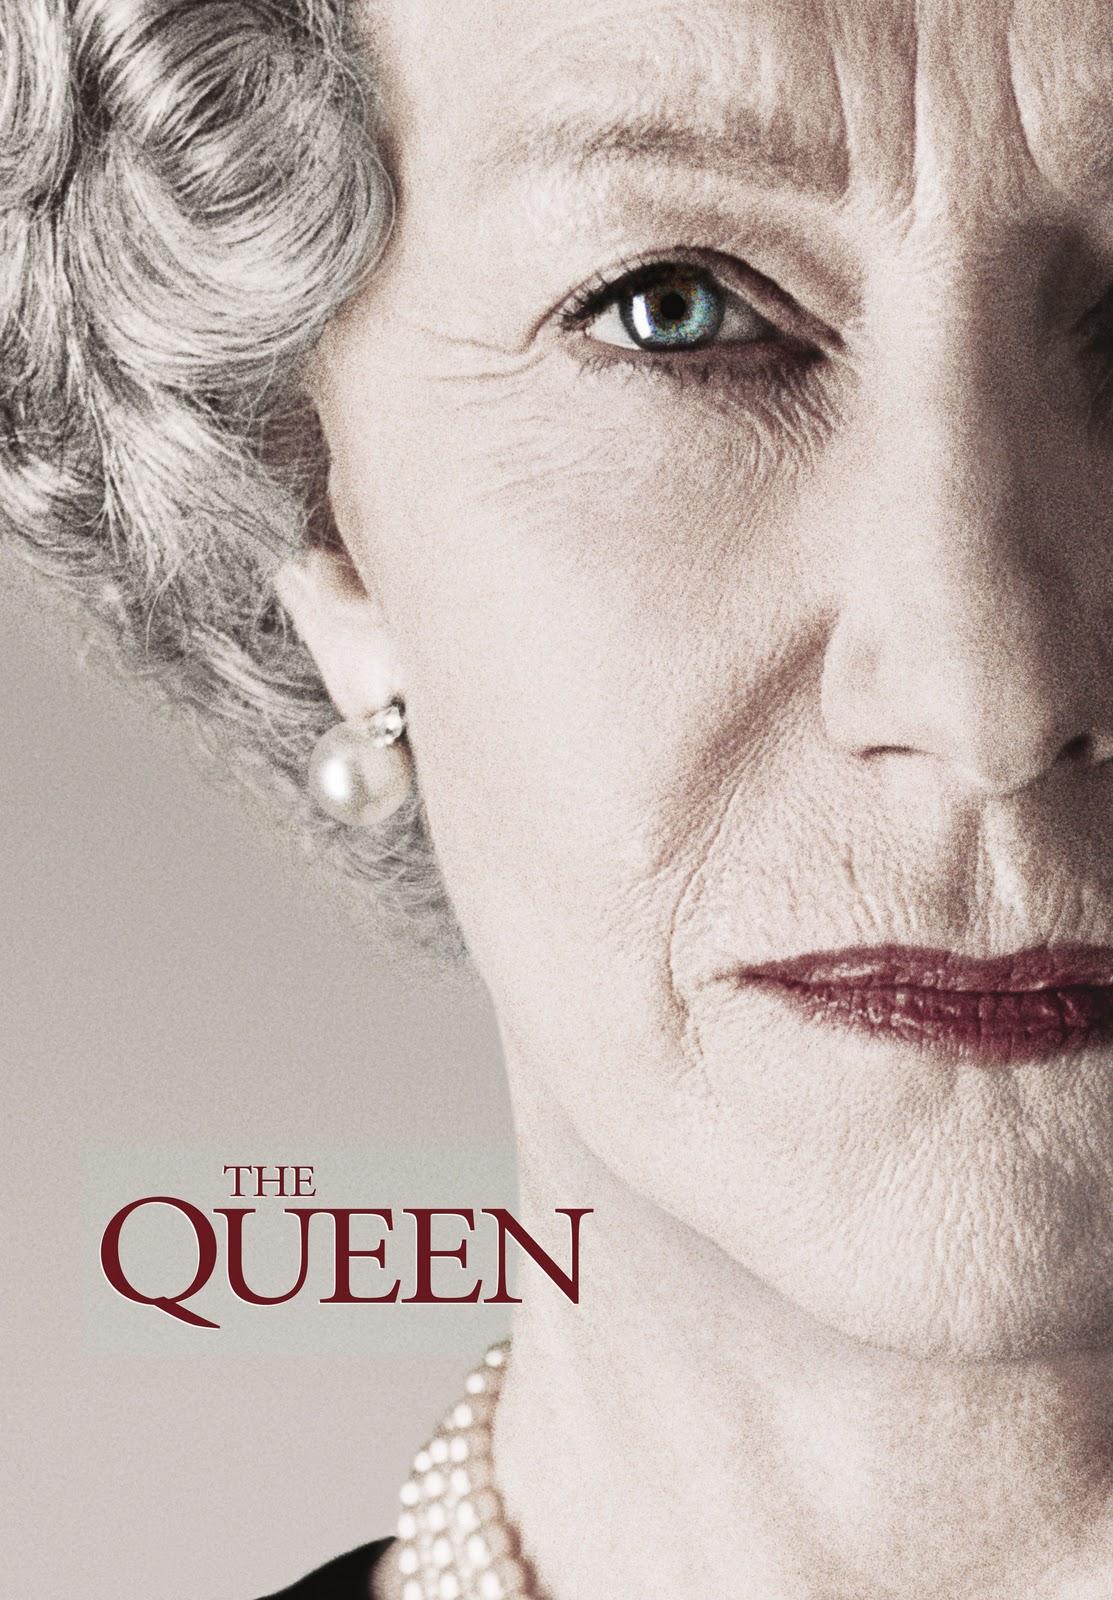 http://1.bp.blogspot.com/-asmtygZ41ss/Trd_3NMBn1I/AAAAAAAABYY/JszEArR1y8k/s1600/Helen+Mirren+-+The+Queen.jpg